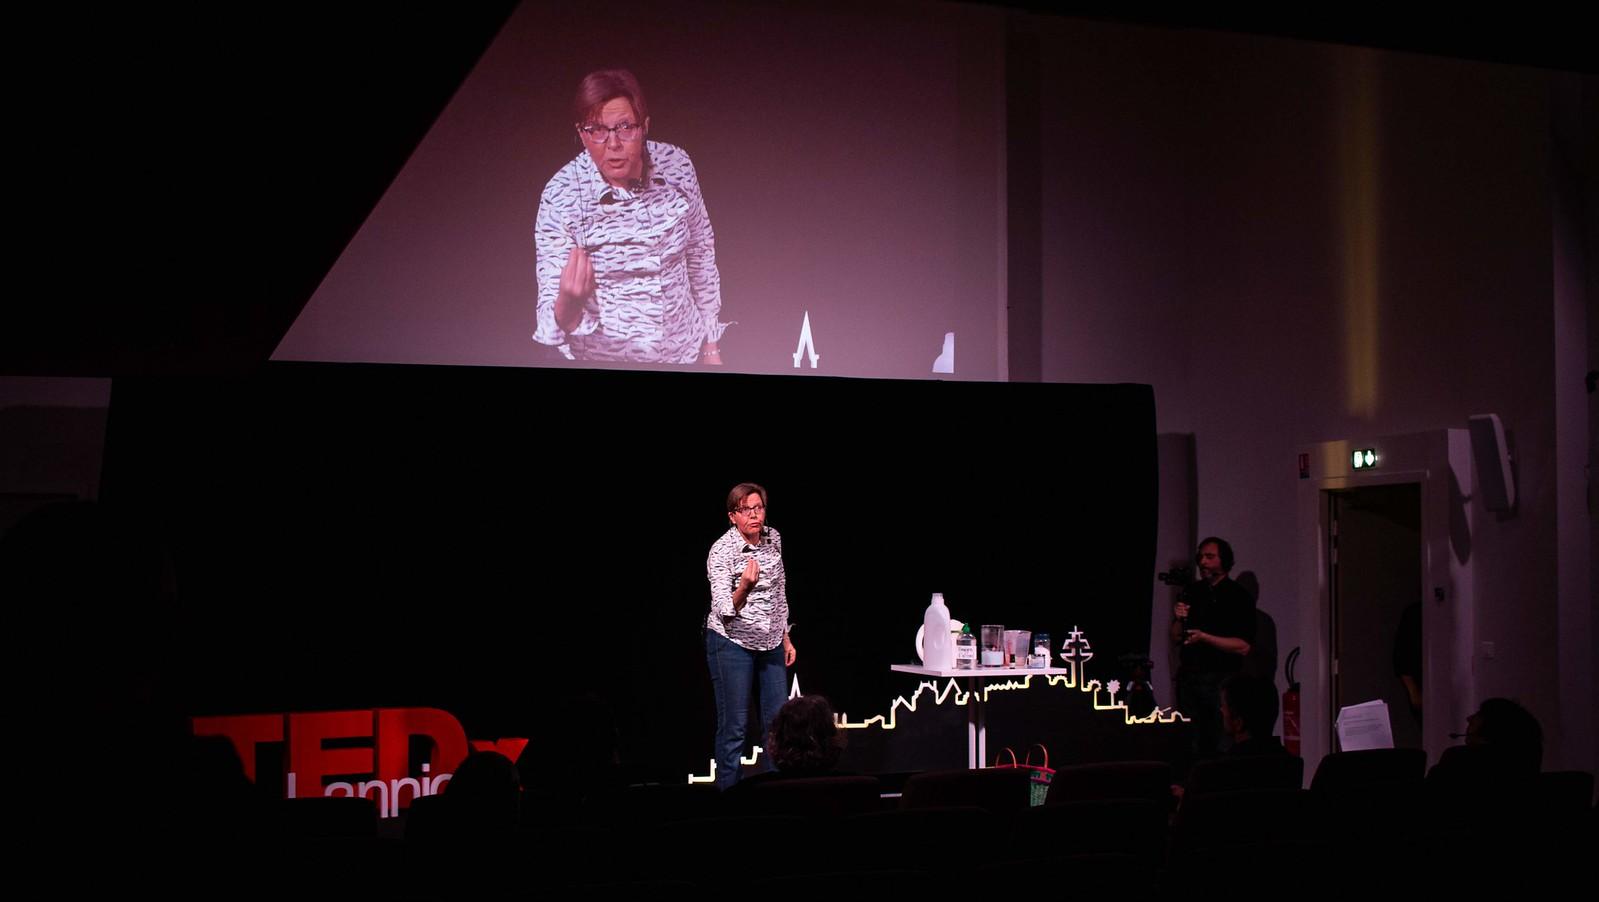 TEDxLannion-2018-46